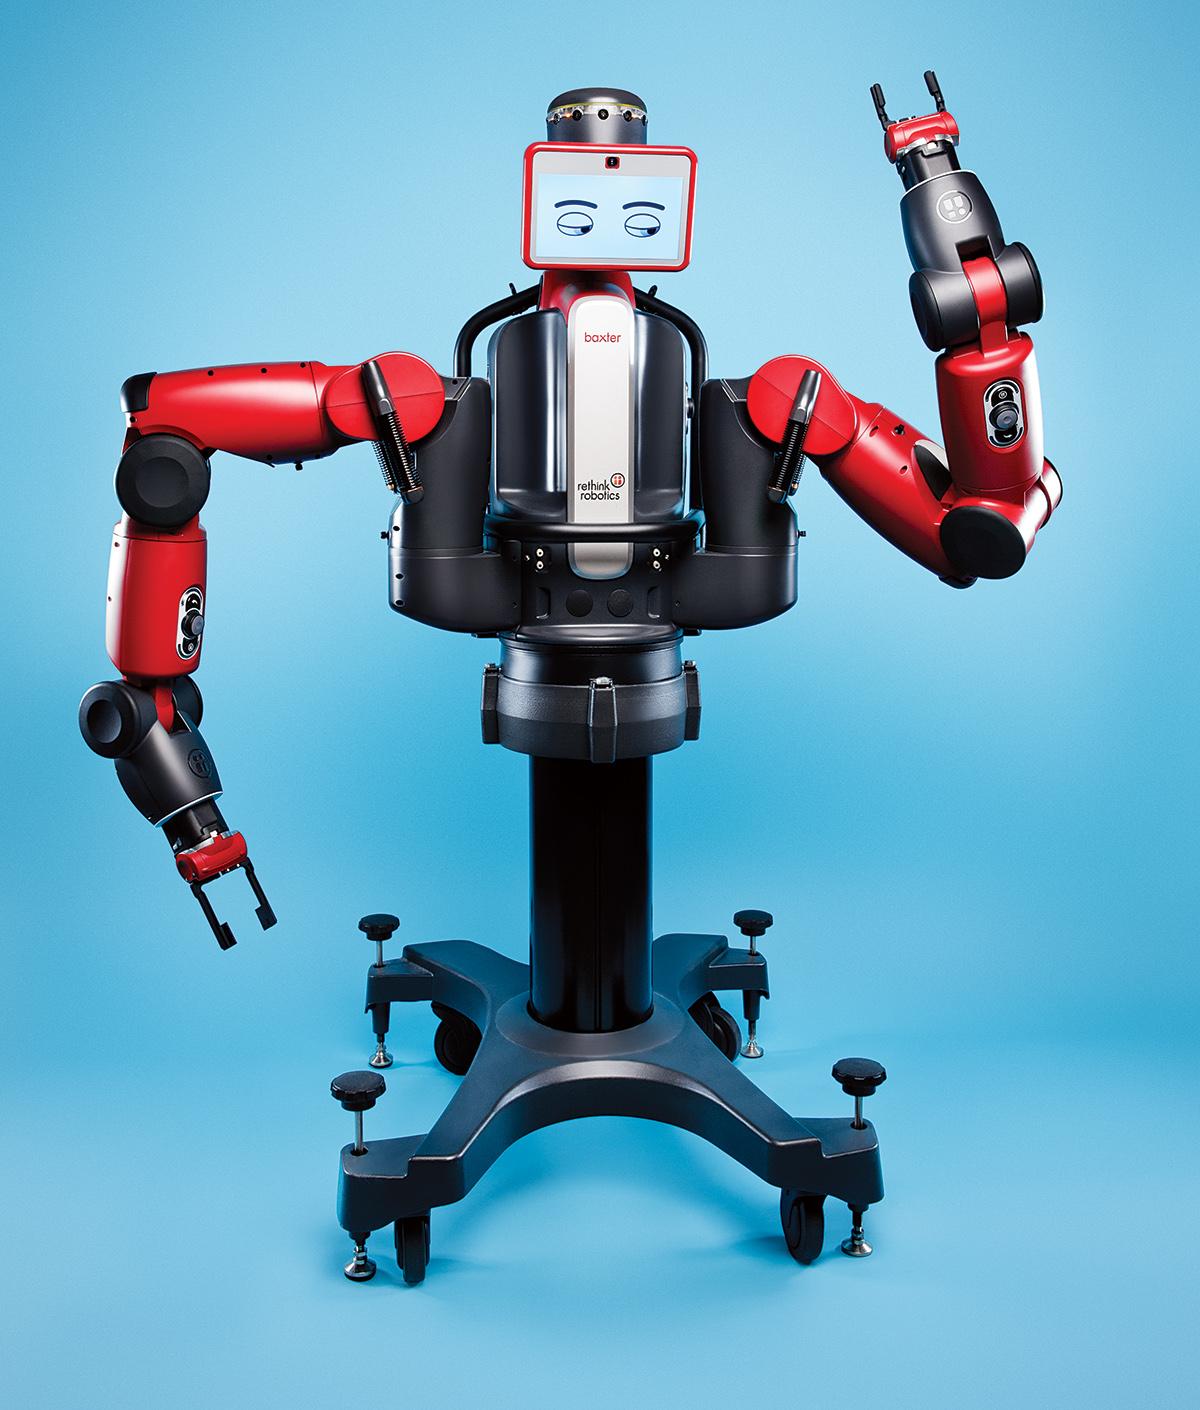 rodney brooks robots